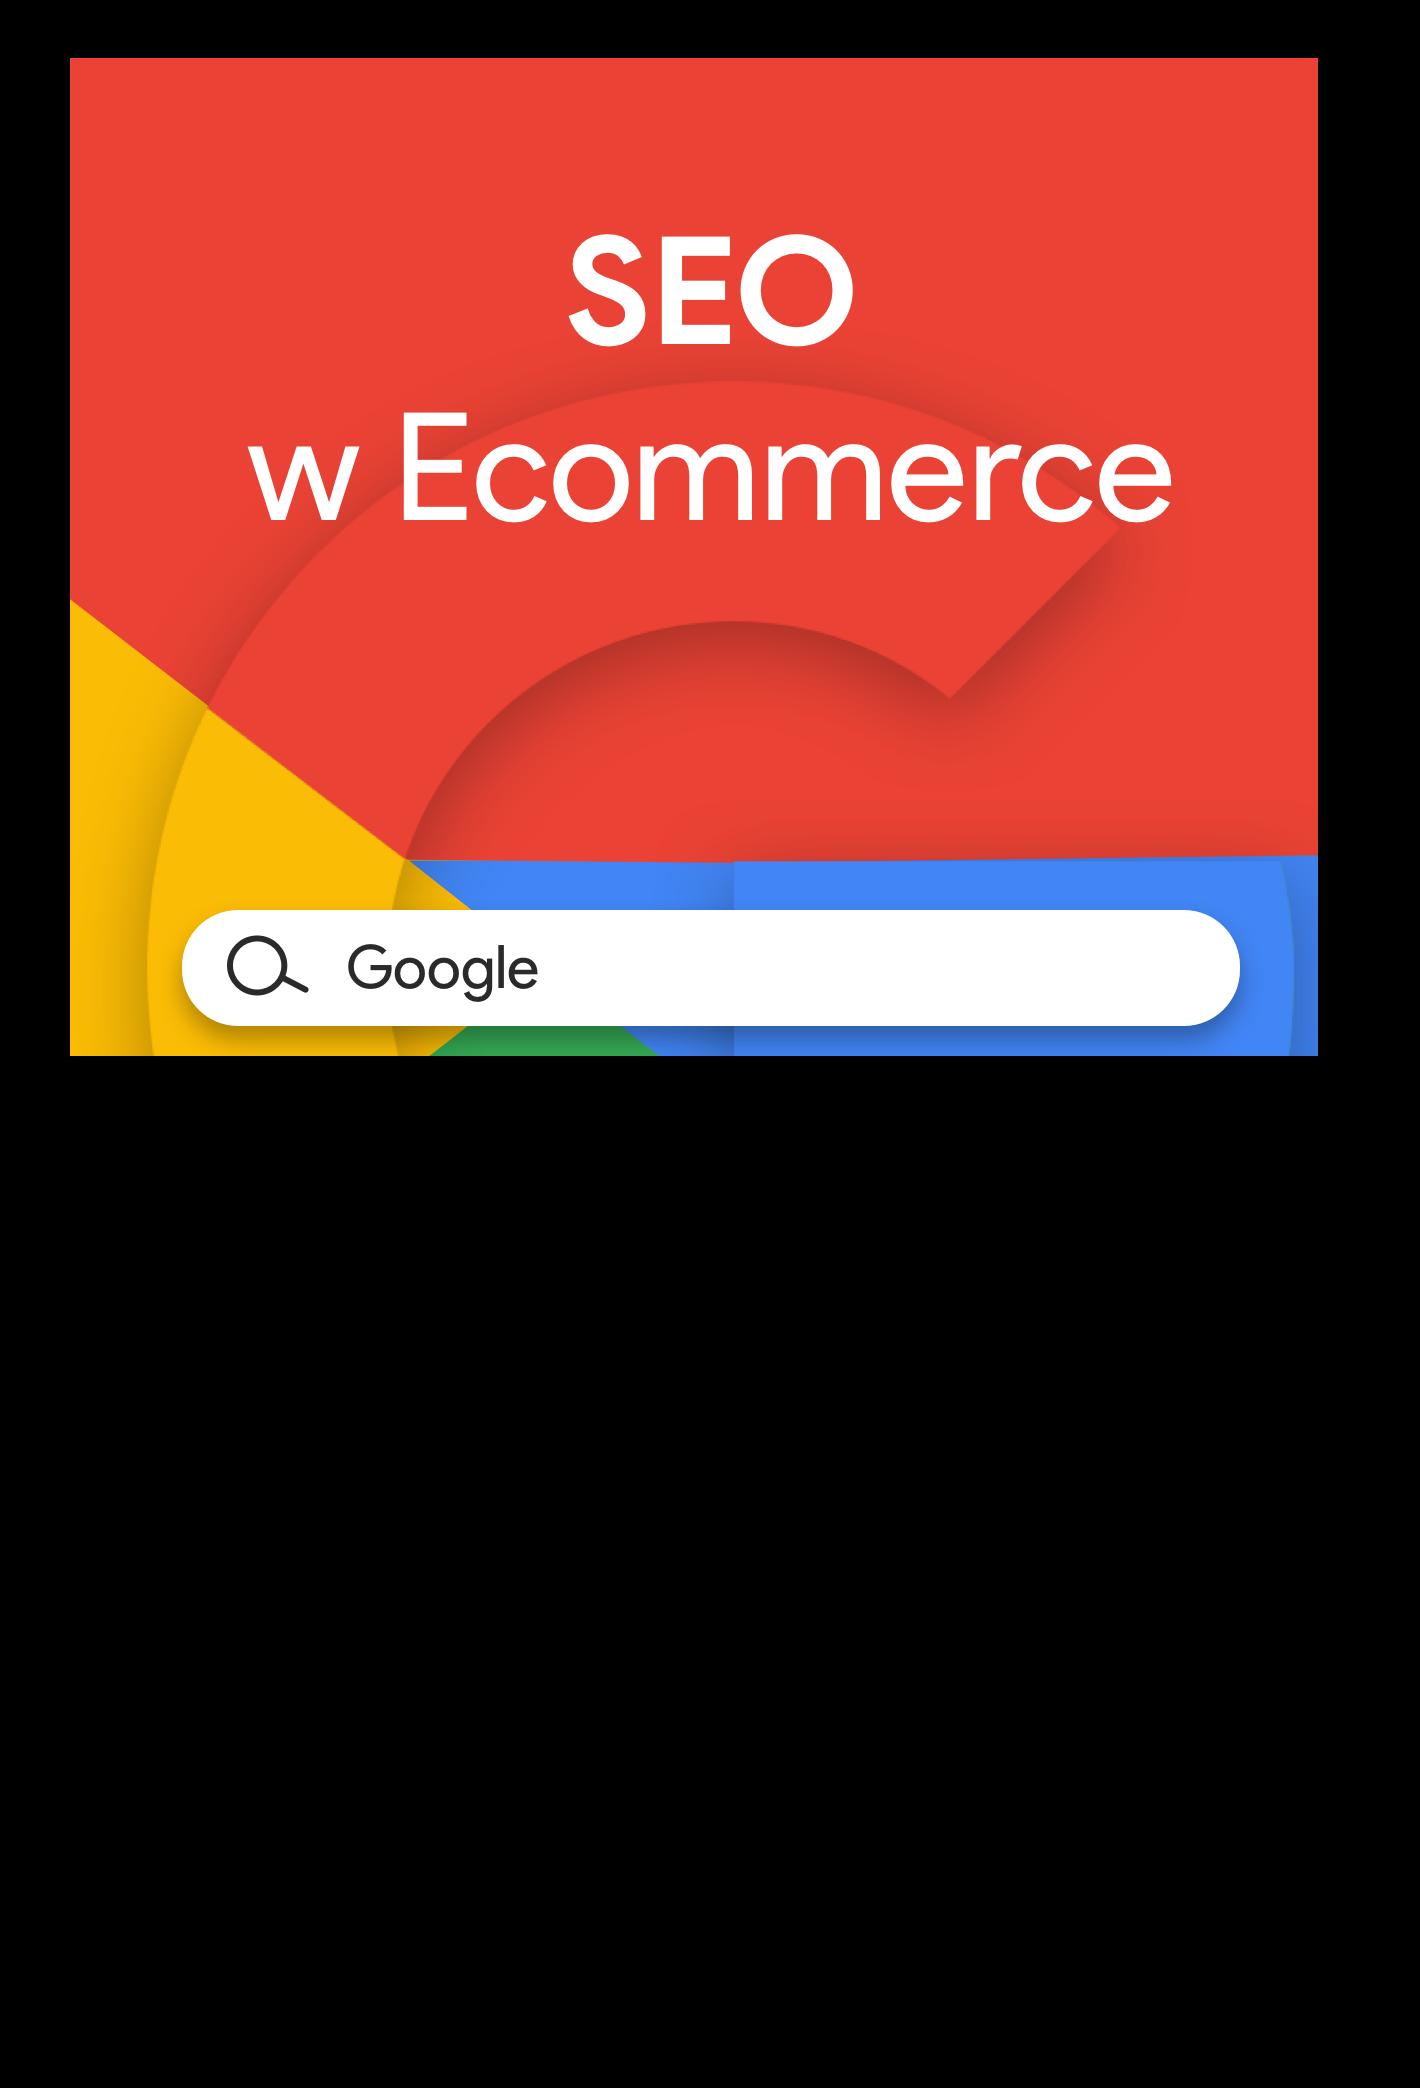 <https://web.shoplo.io/pobierz/seo-w-ecommerce>  SEO w Ecommerce  Bądź wyżej w wynikach Google Pobierz <https://web.shoplo.io/pobierz/seo-w-ecommerce>